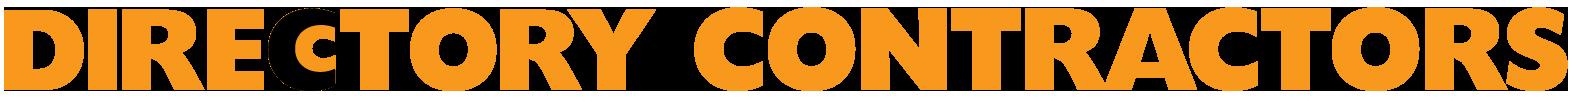 DirectoryForContractors-landscape-large